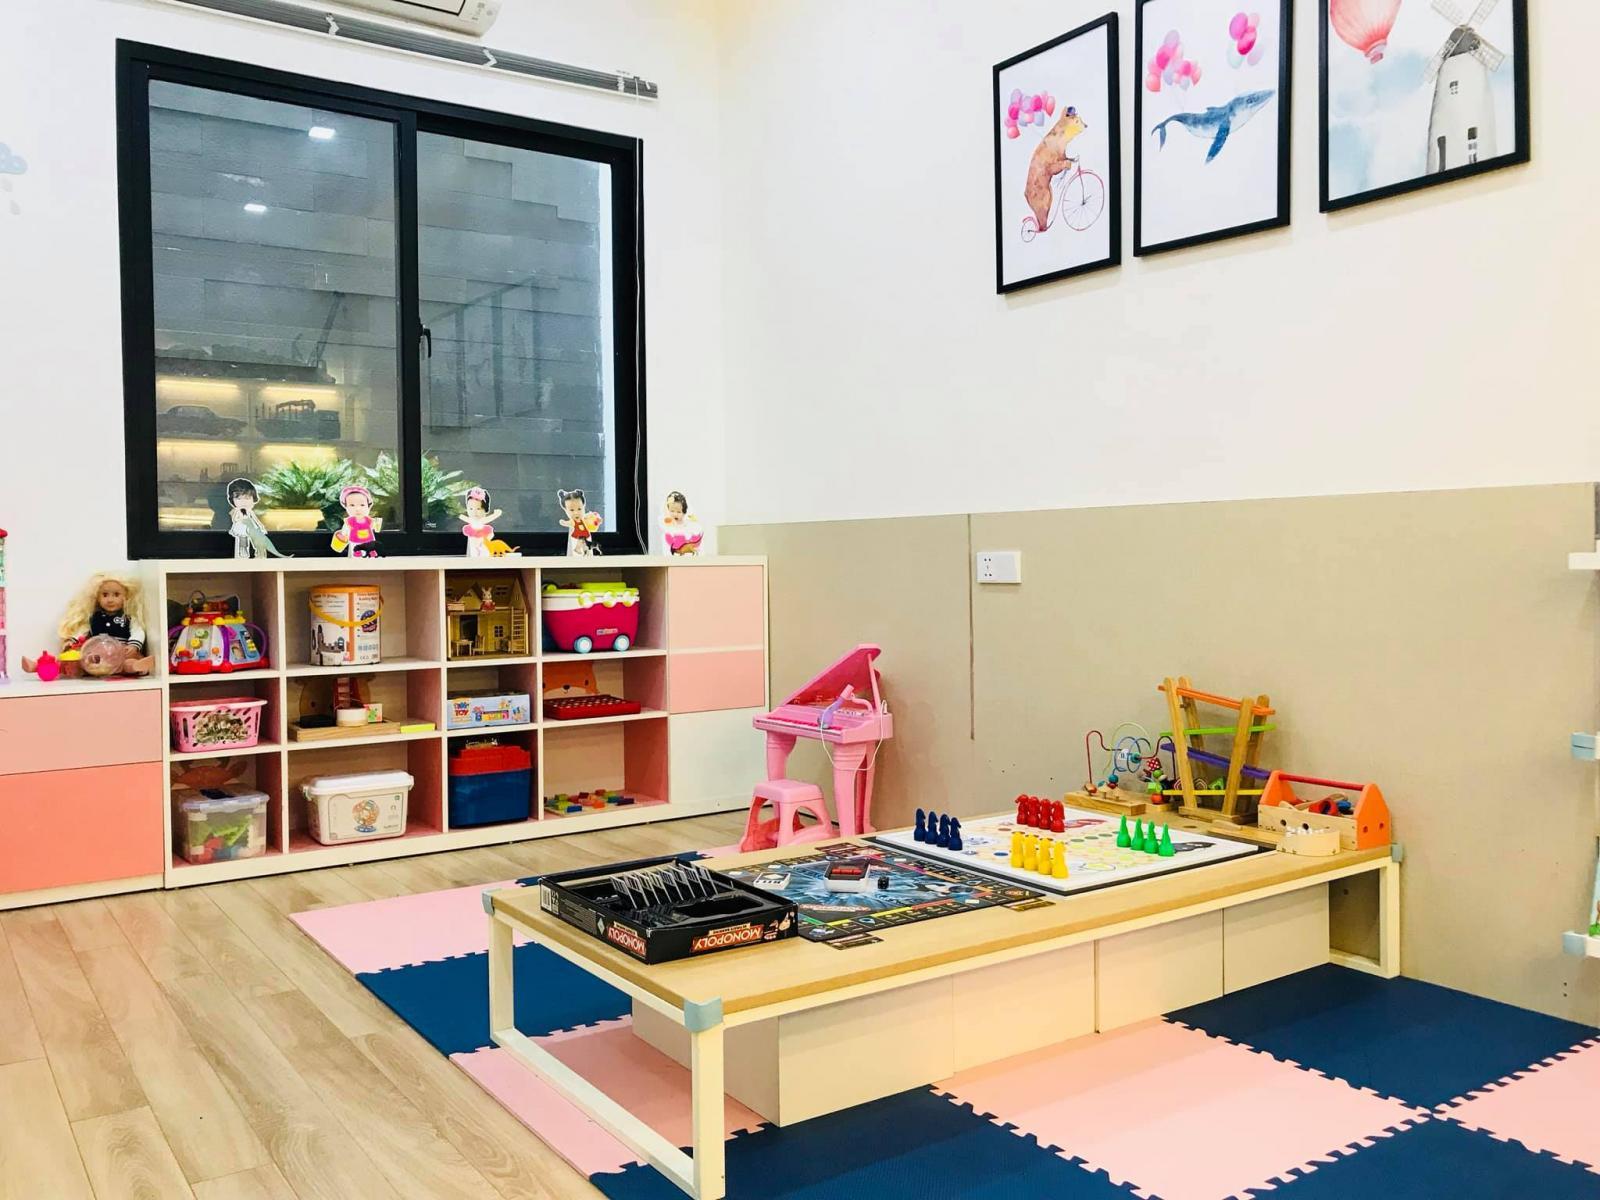 Góc của bé gái và khu vực chơi chung ở giữa phòng.